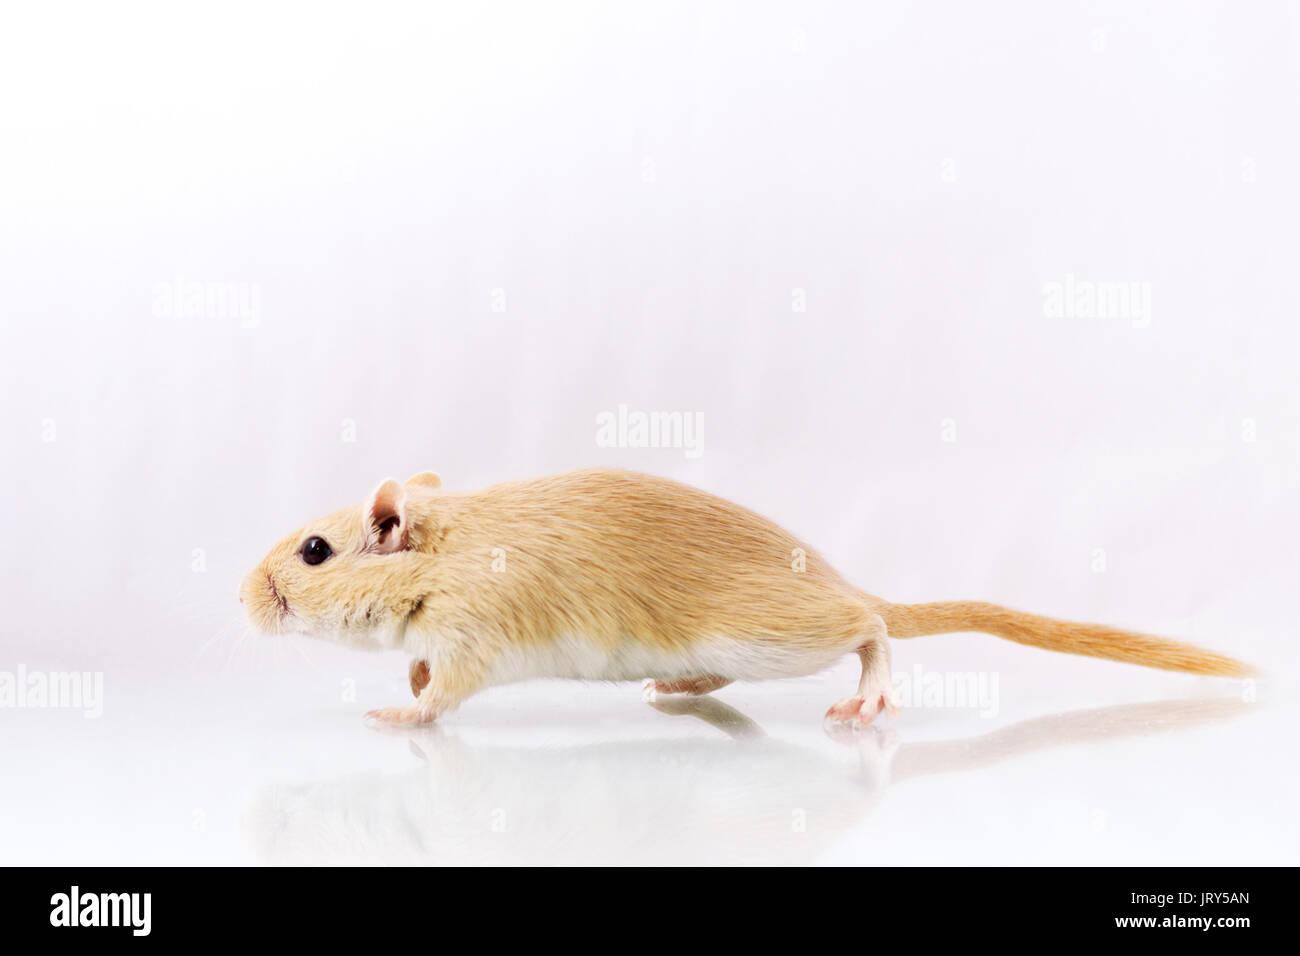 Flauschige kleine Nager rennmaus auf weißem Hintergrund Stockbild